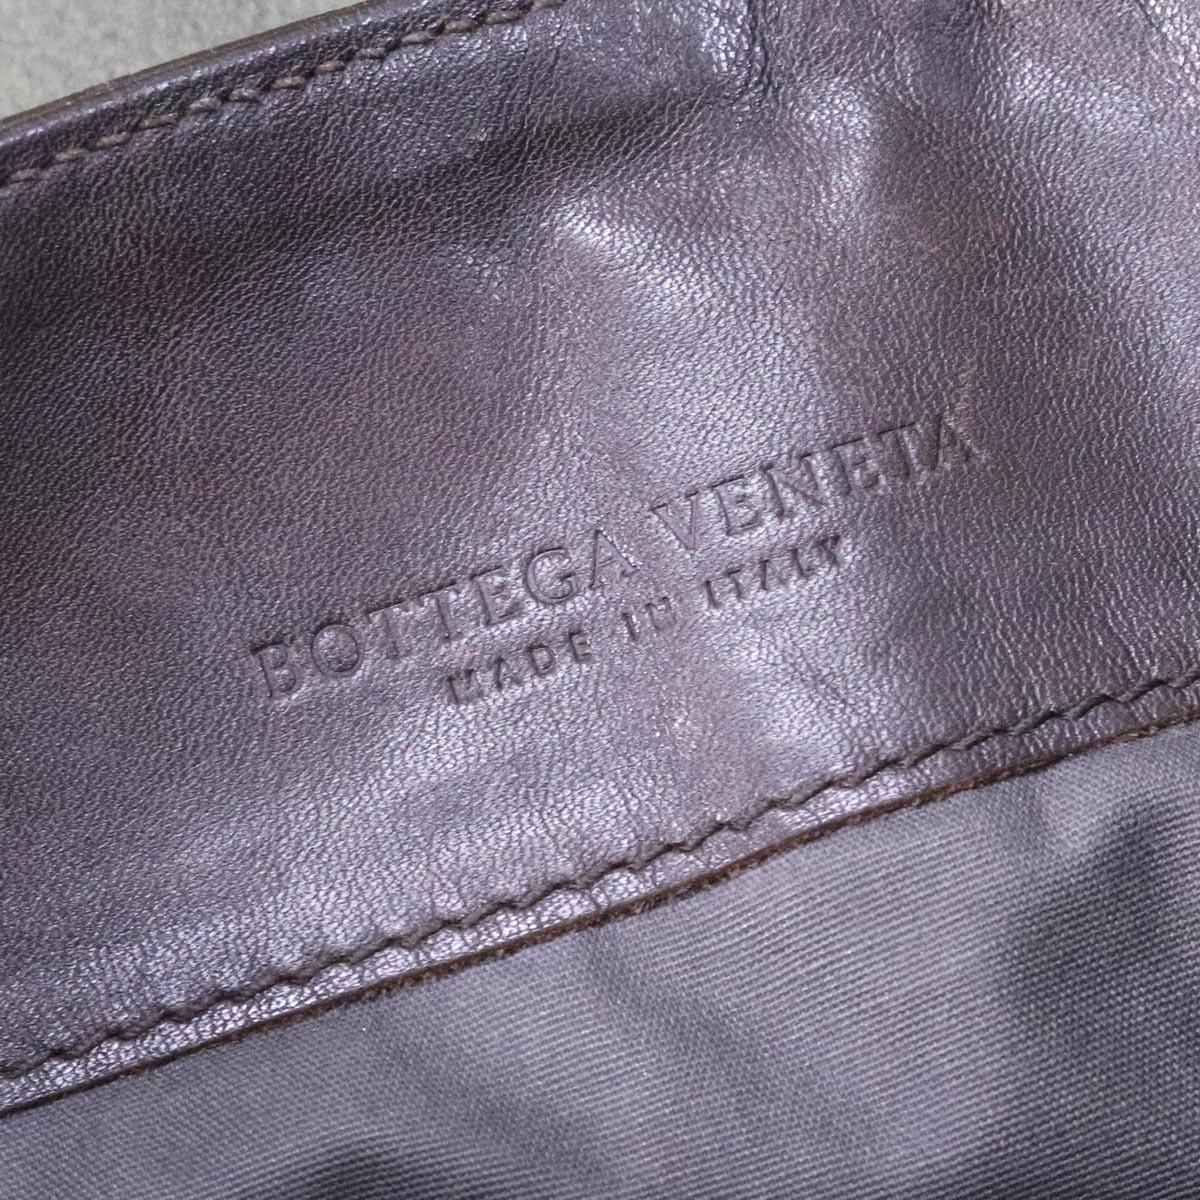 本物 ボッテガヴェネタ 最高級イントレチャートレザー メンズクロスボディバッグ 斜め掛けショルダーバッグ BOTTEGA VENETA_画像8